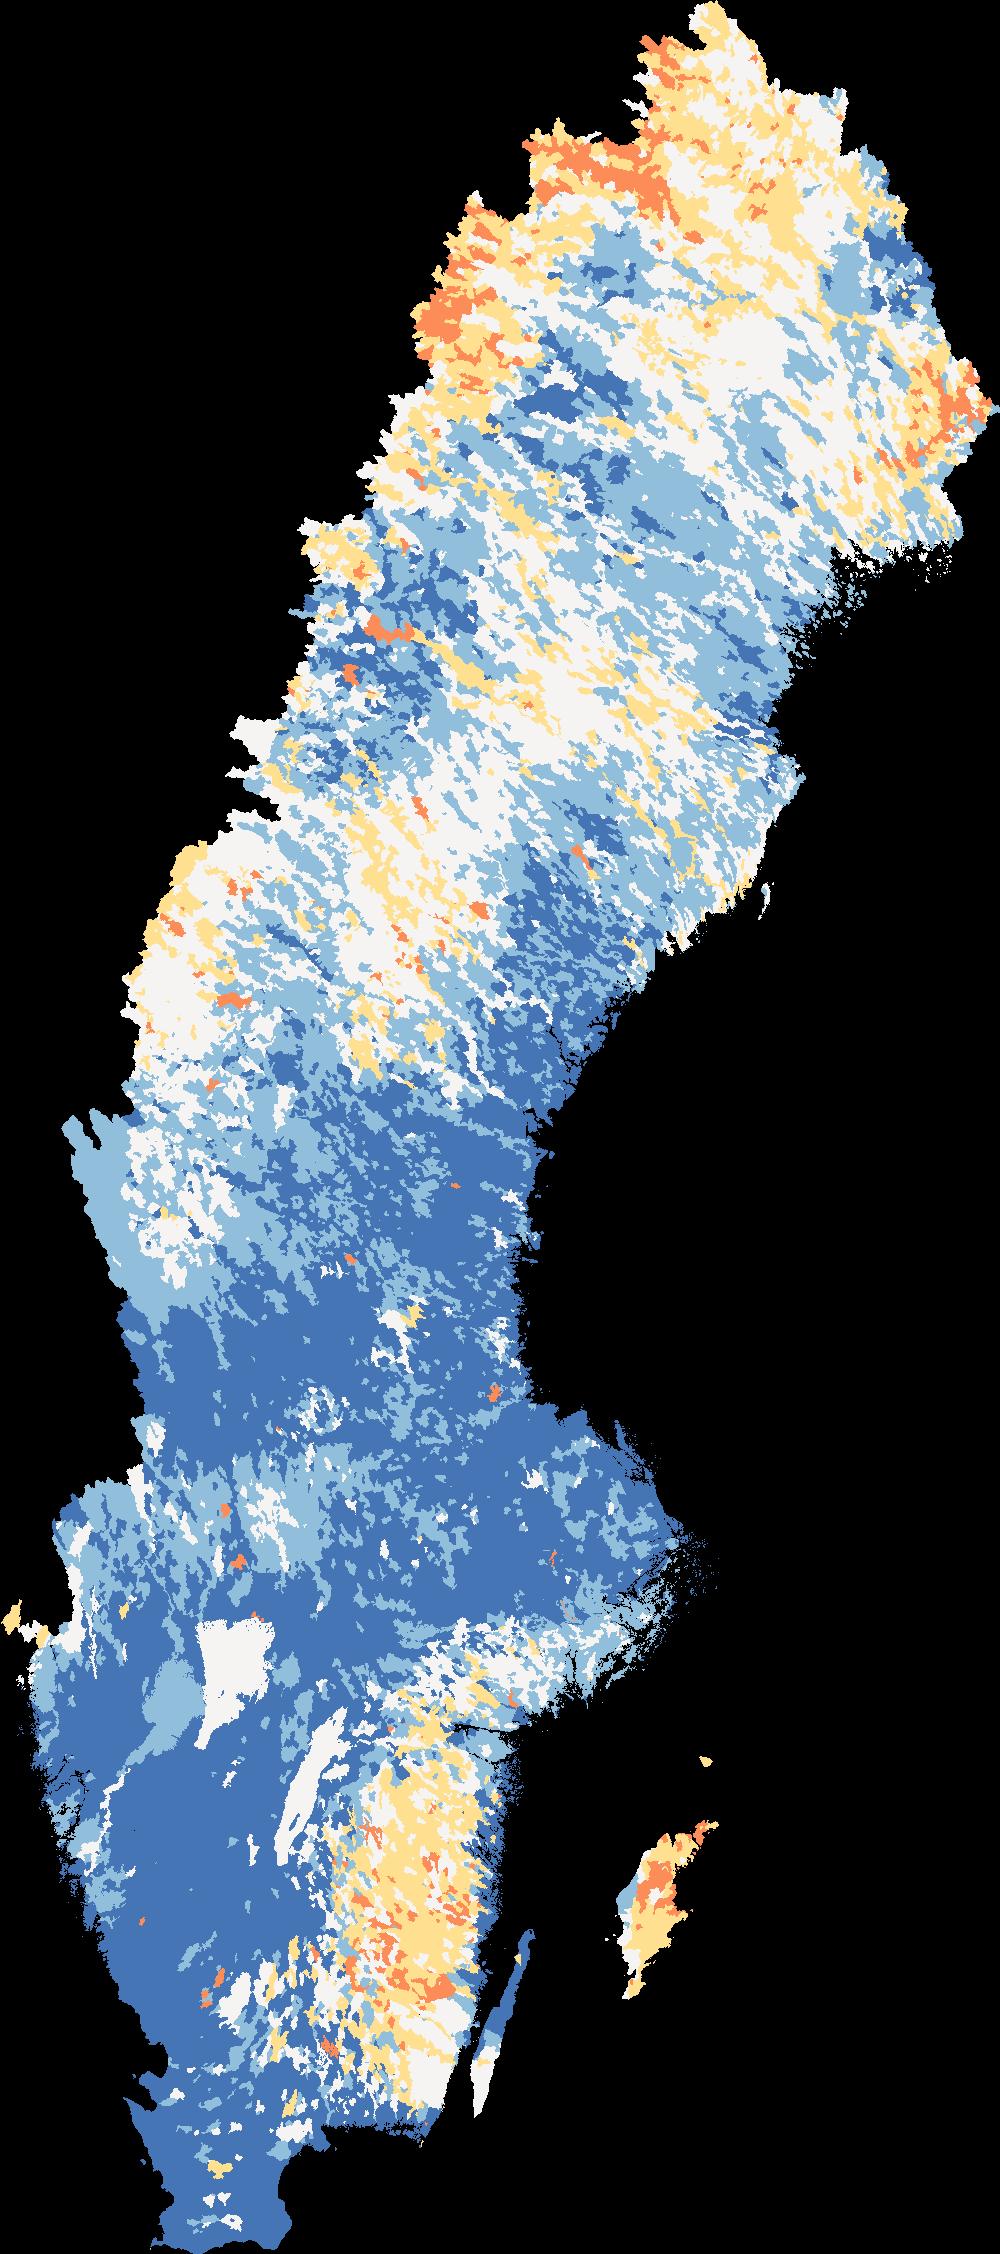 Karta som visar aktuella flöden i Sveriges vattendrag